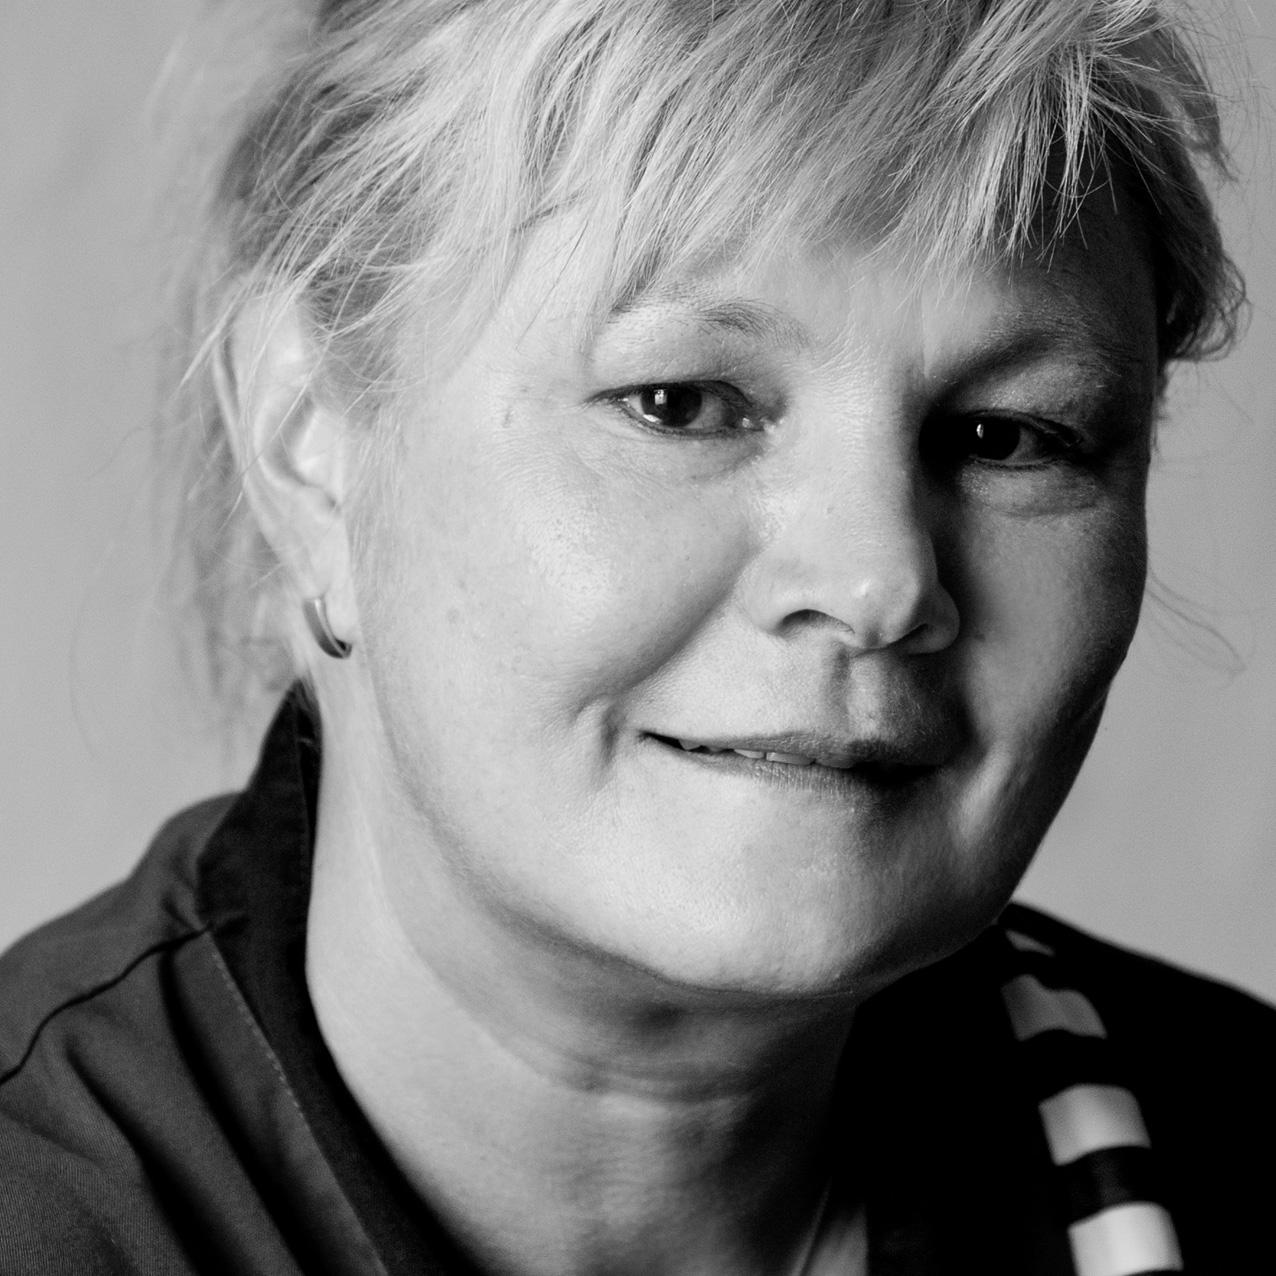 Ines Thurmann